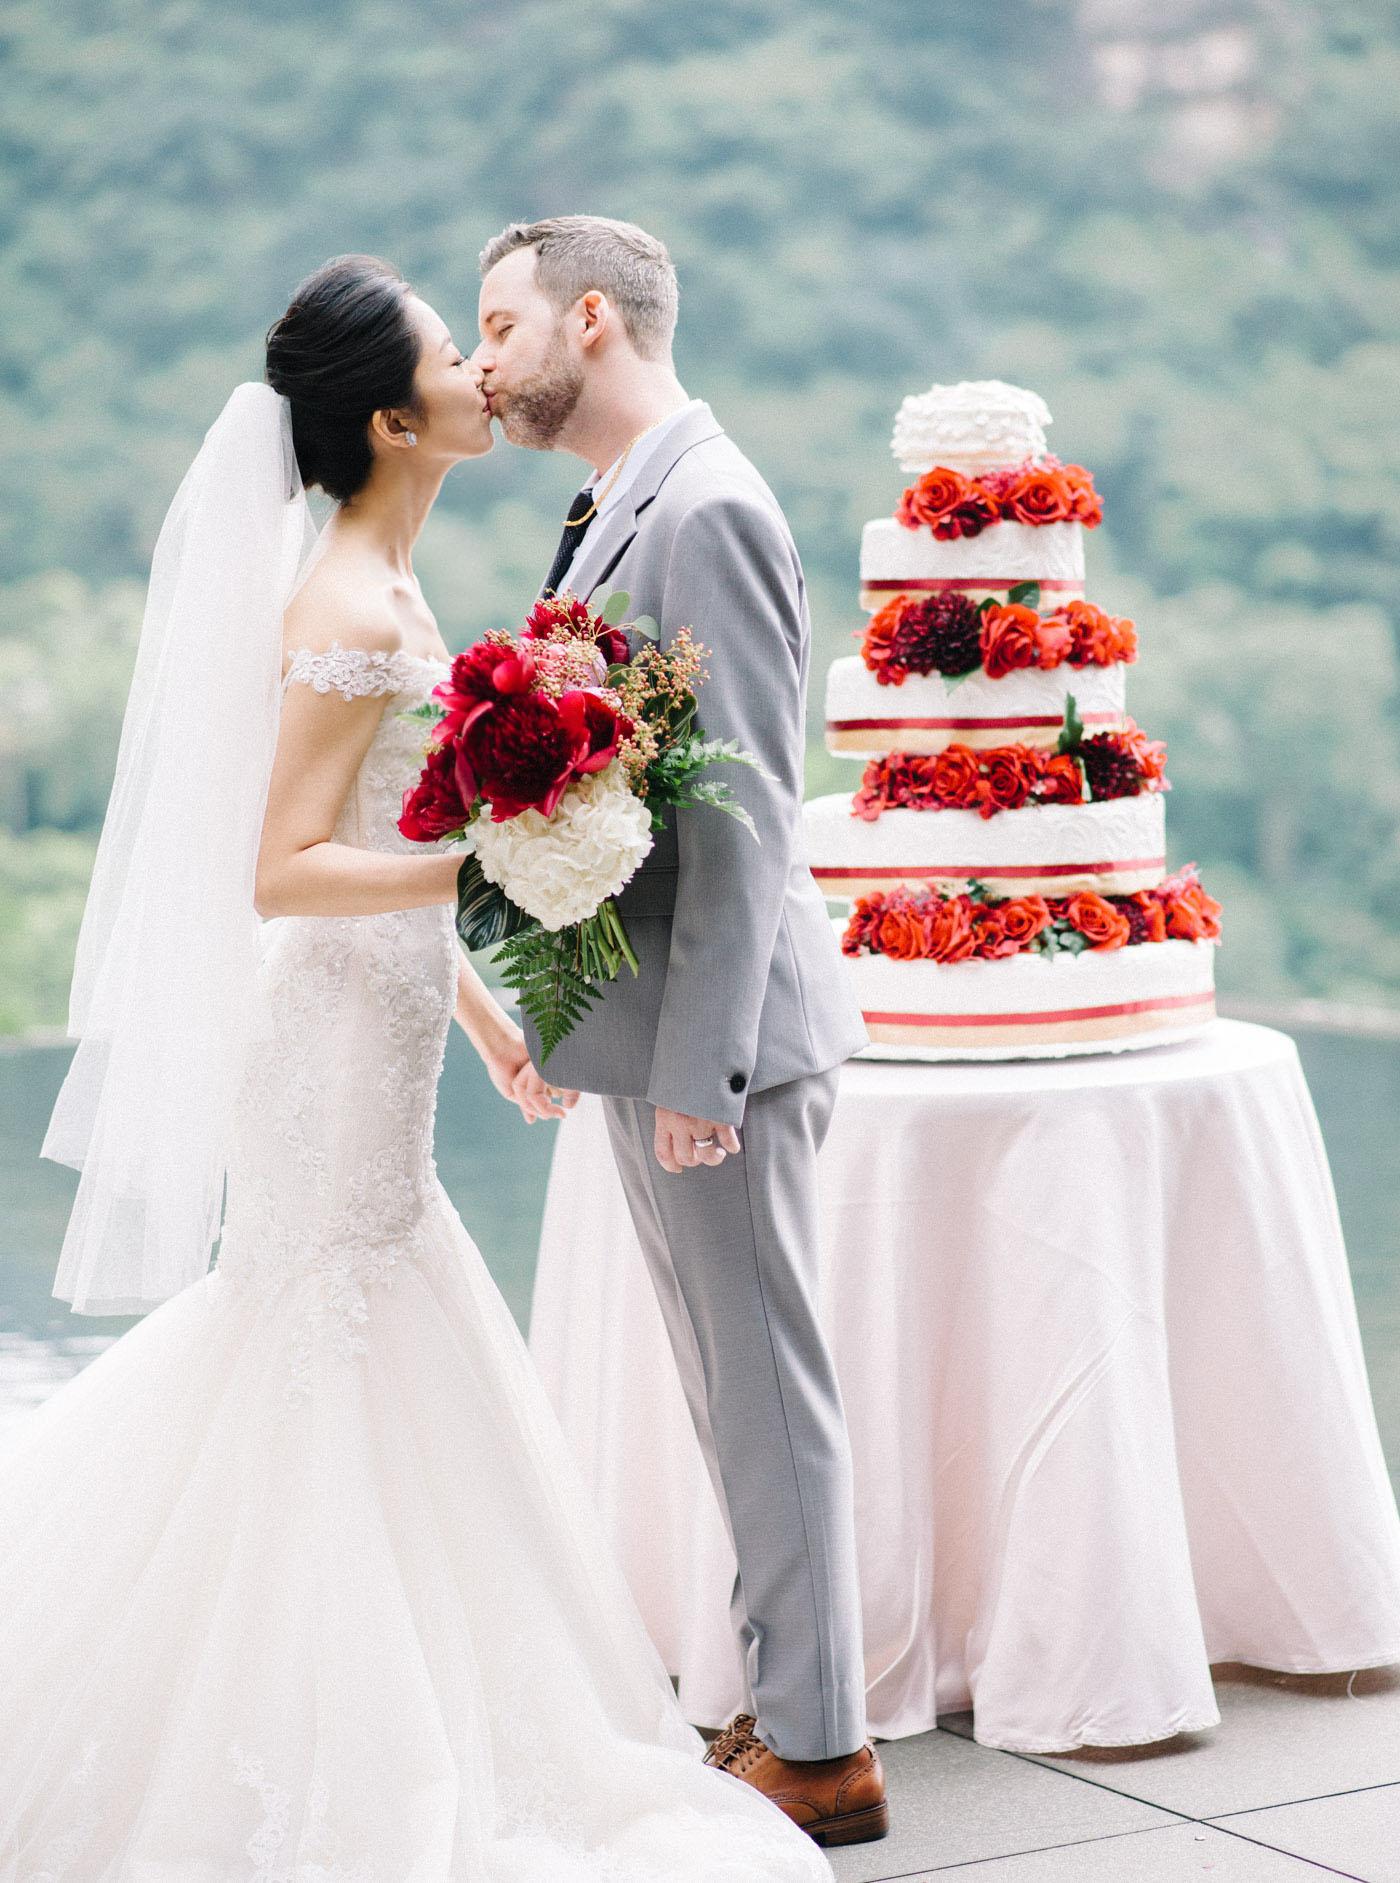 婚禮蛋糕-戶外婚禮北投麗禧